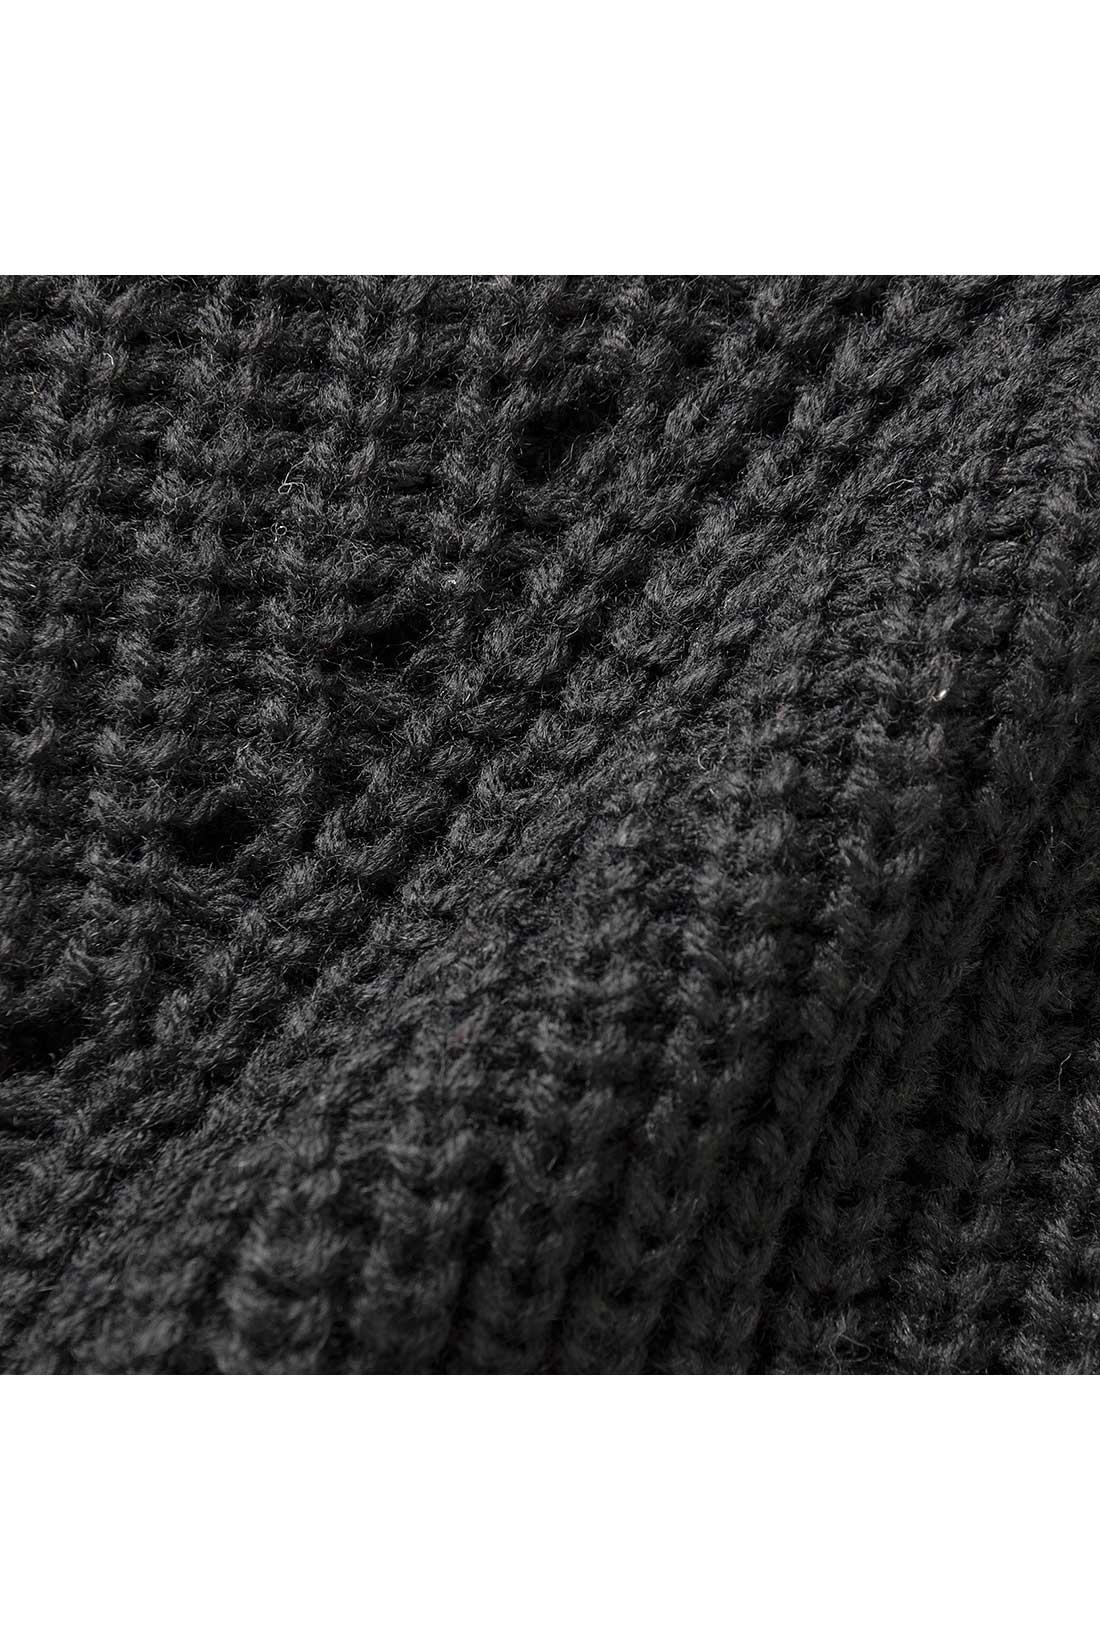 体形をひろいすぎないミドルゲージの片あぜ編みニット 軽くからだに沿う感じで、細見せにうれしいアイレットもほどこしました。